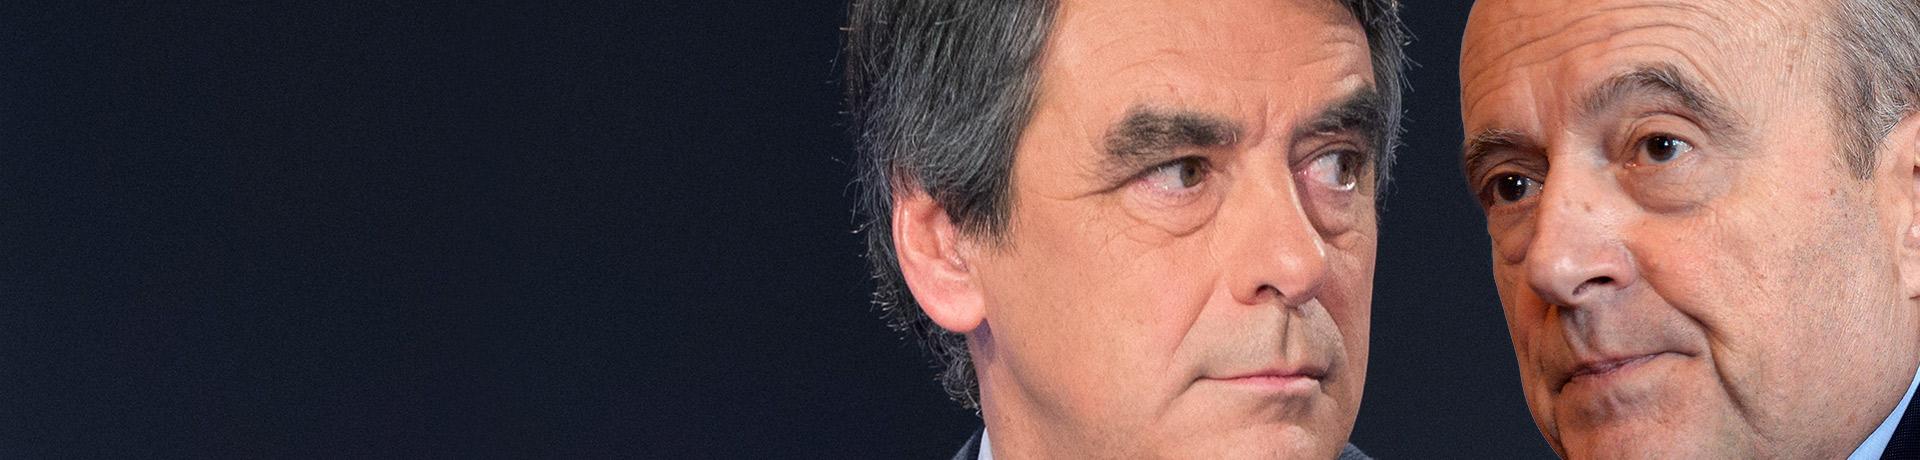 Le Grand Débat François Fillon face à Alain Juppé